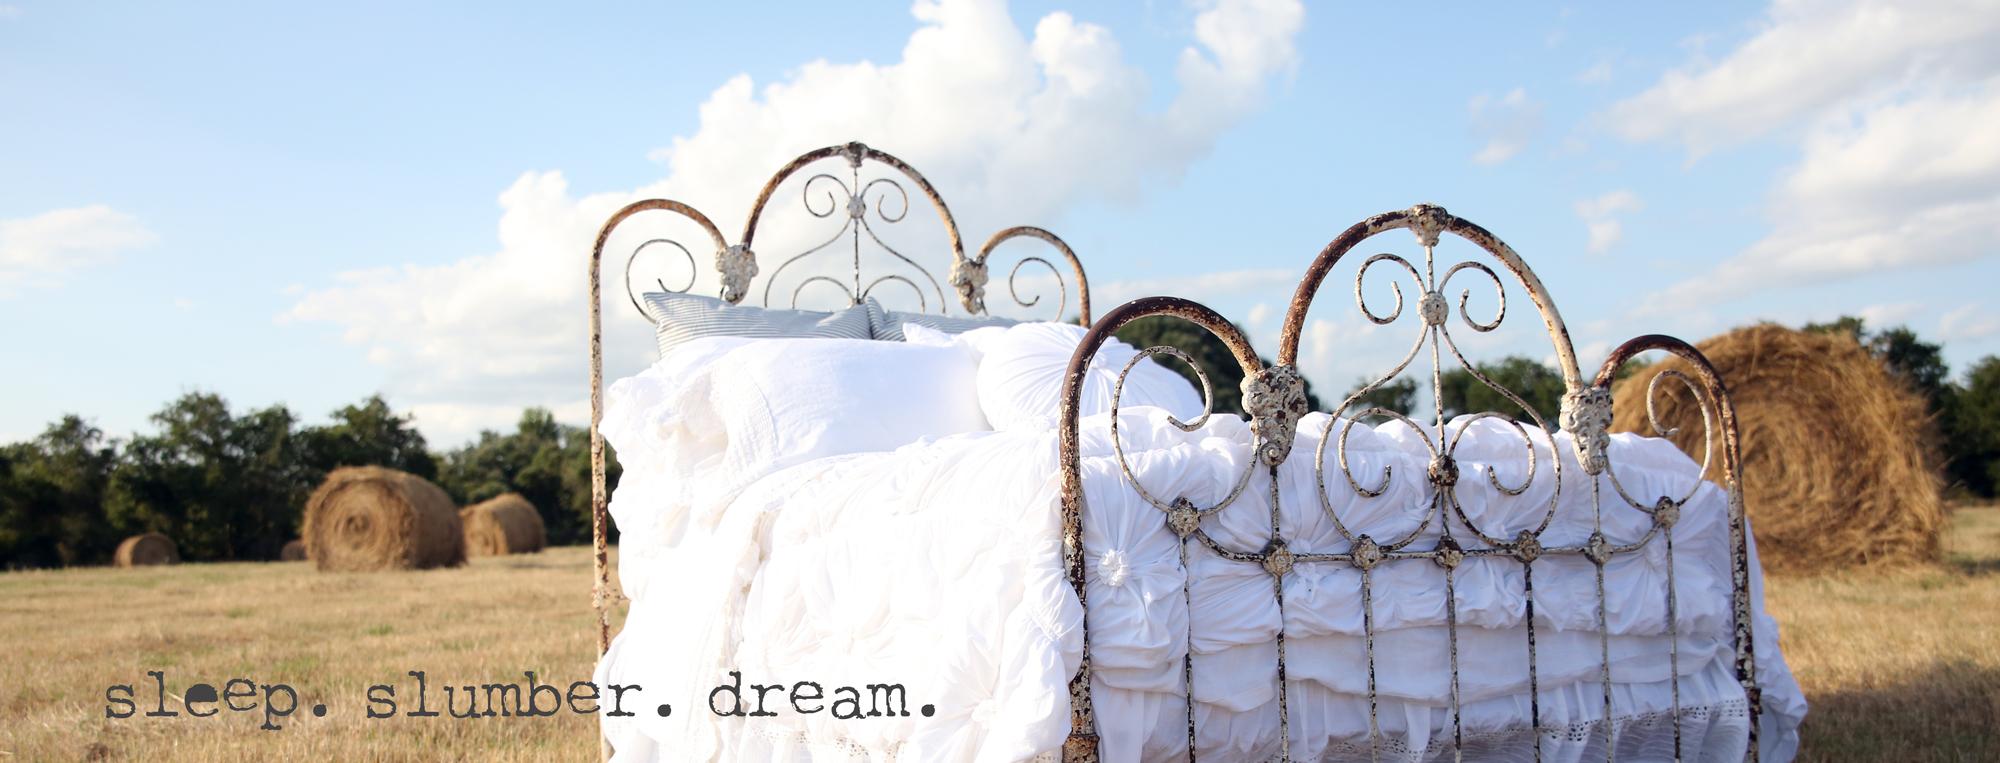 bedding & pillows